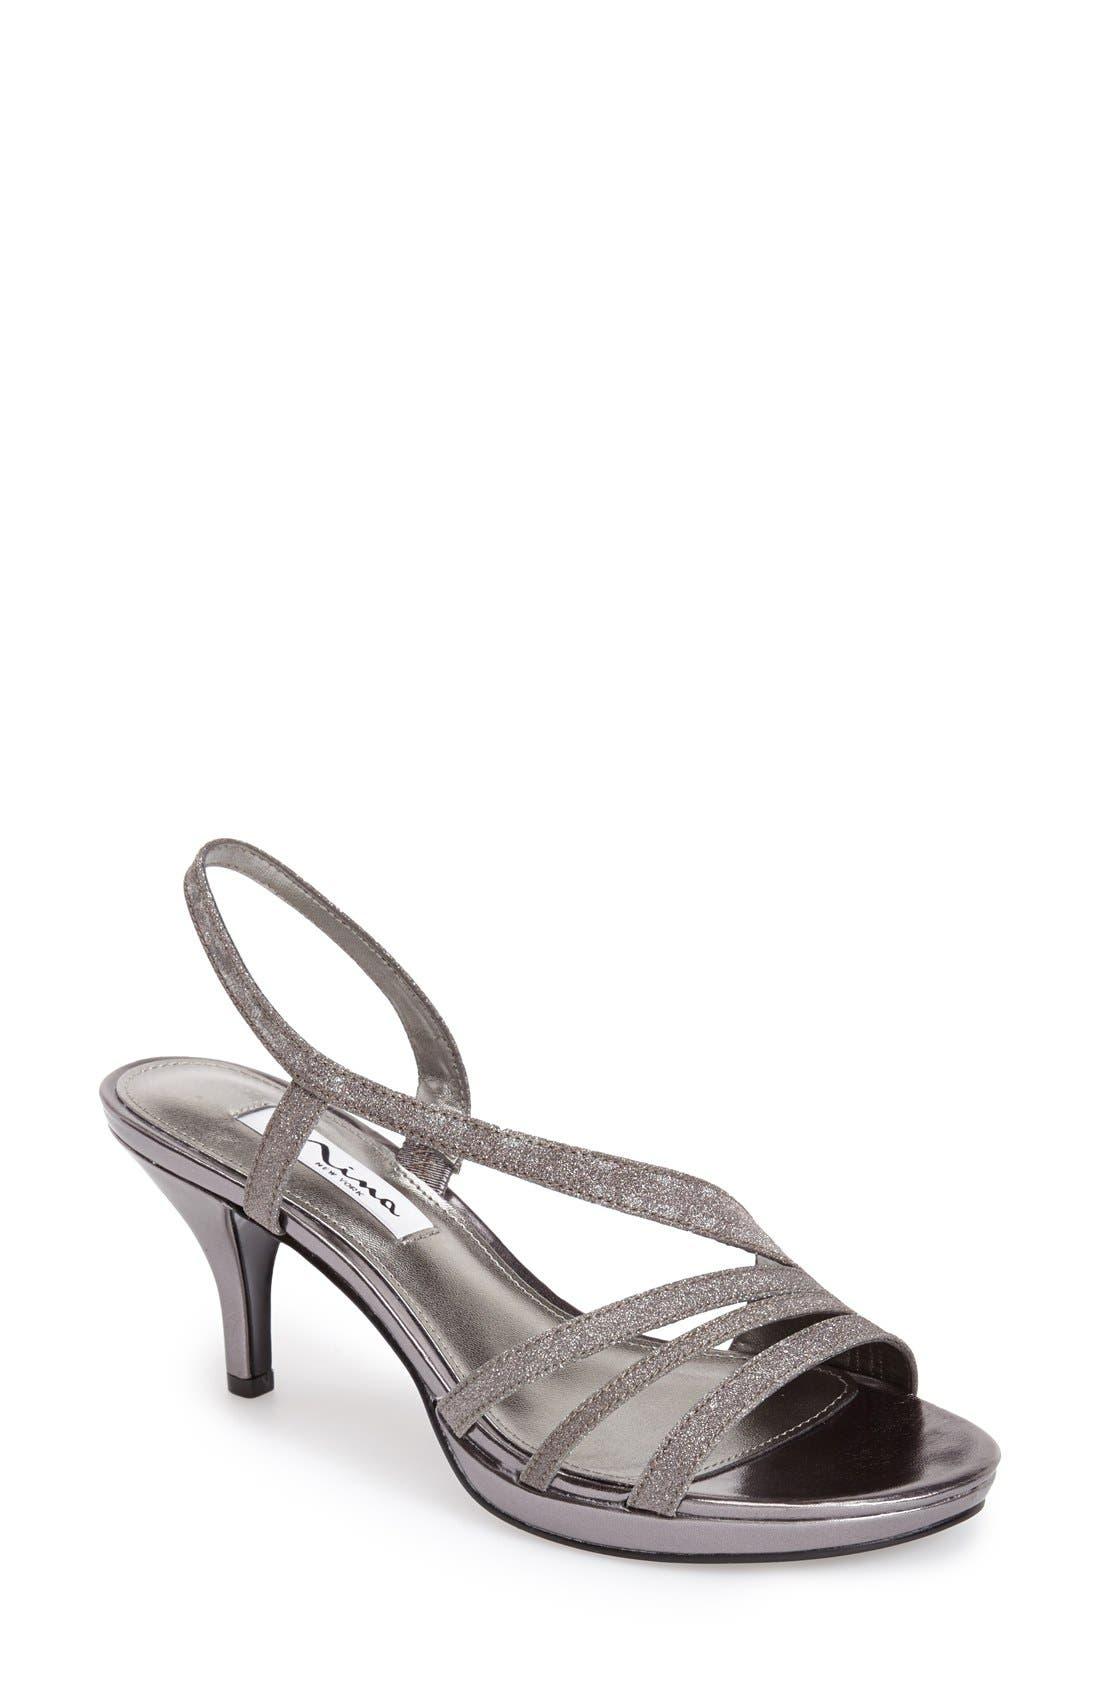 NINA, 'Neely' Slingback Platform Sandal, Main thumbnail 1, color, CHARCOAL